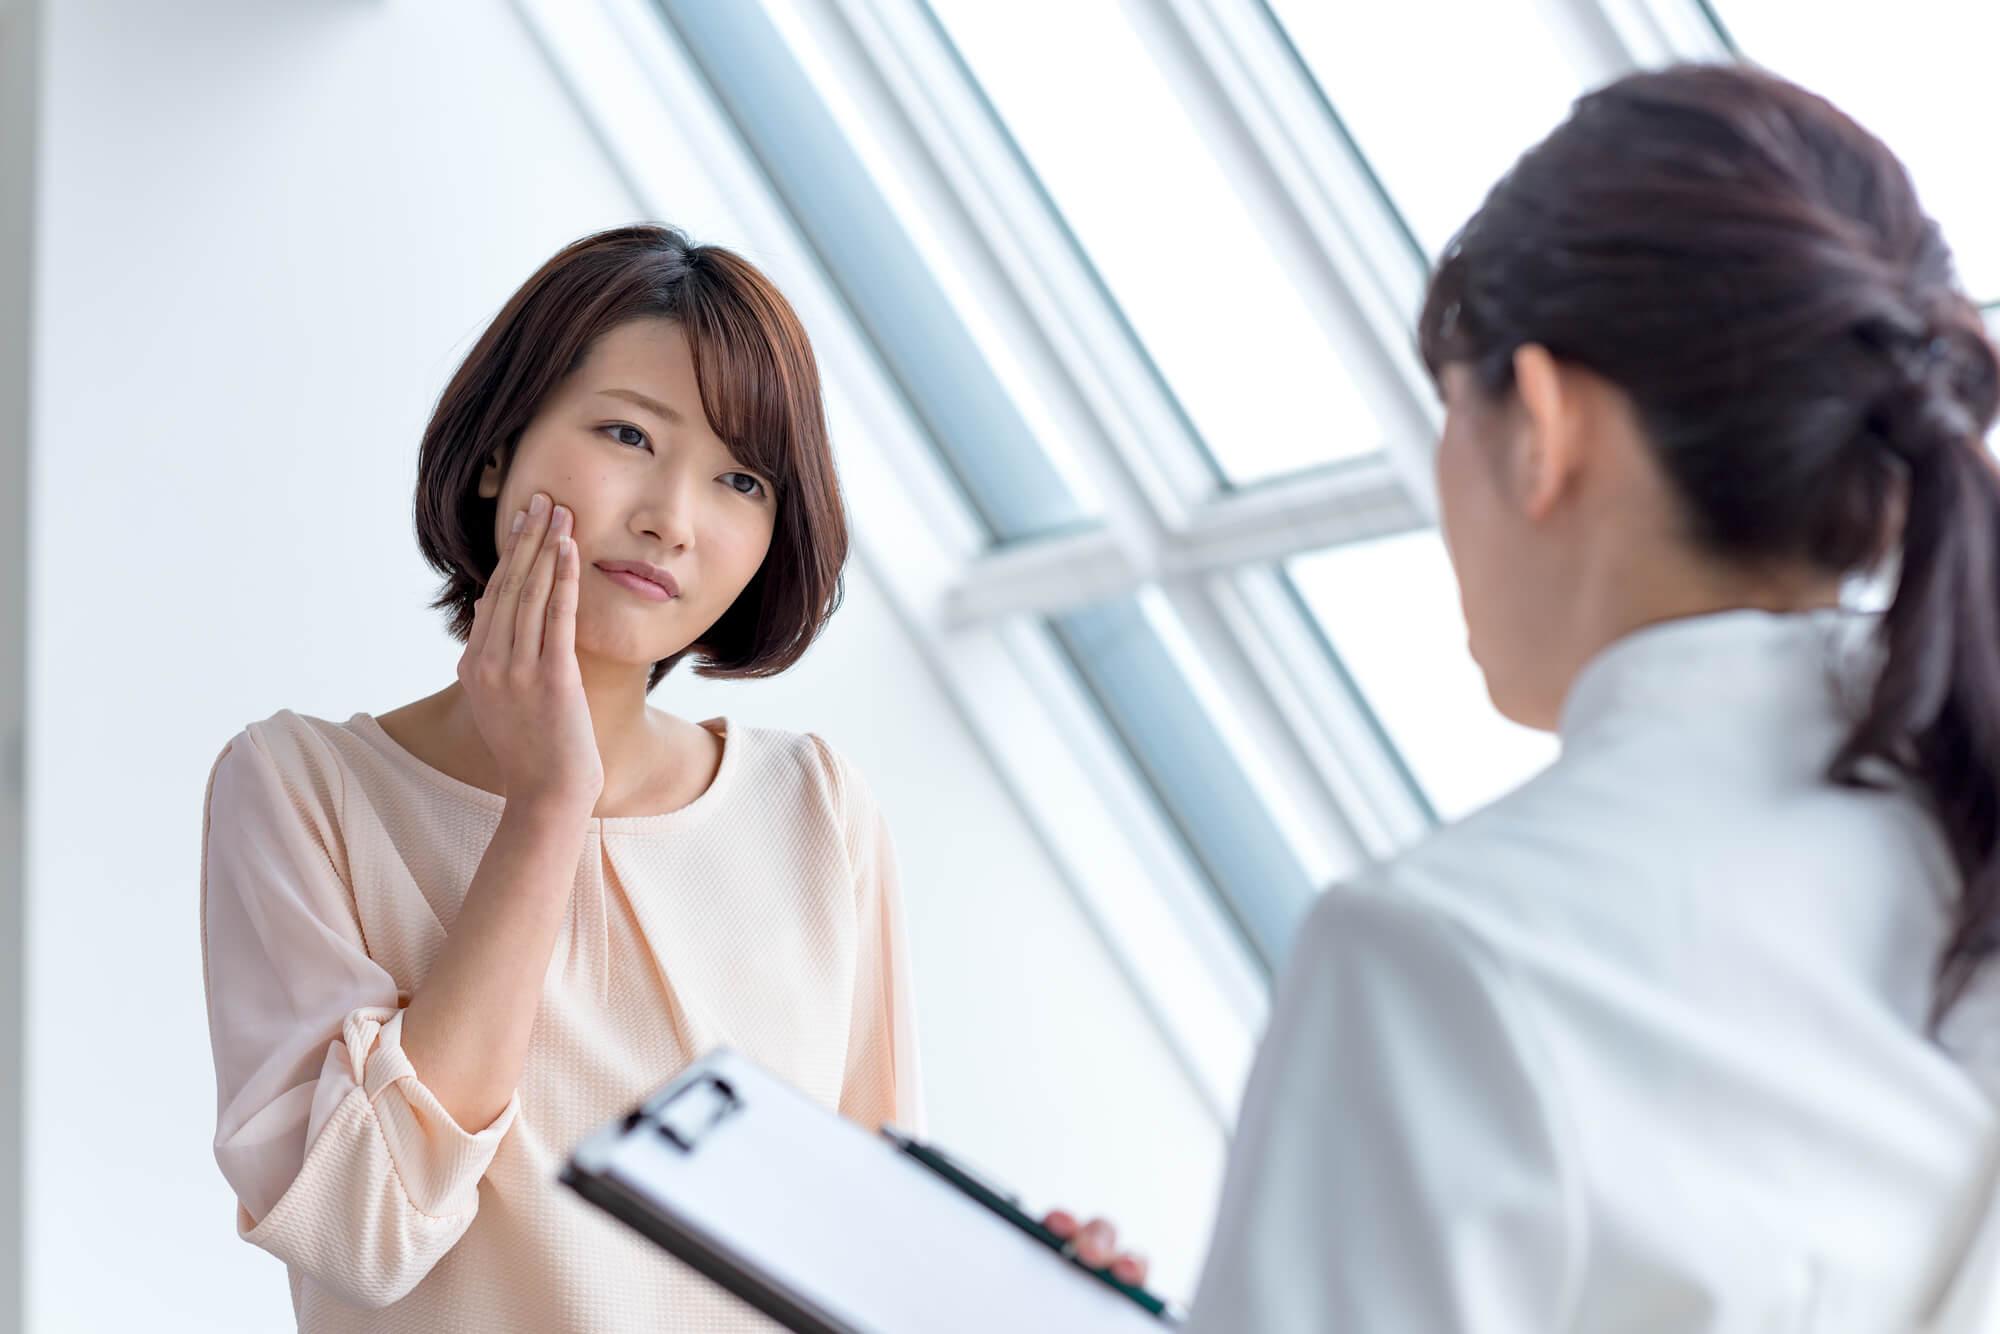 女性カウンセラーからメンタルケア・サービスの説明を受けている女性クライアント